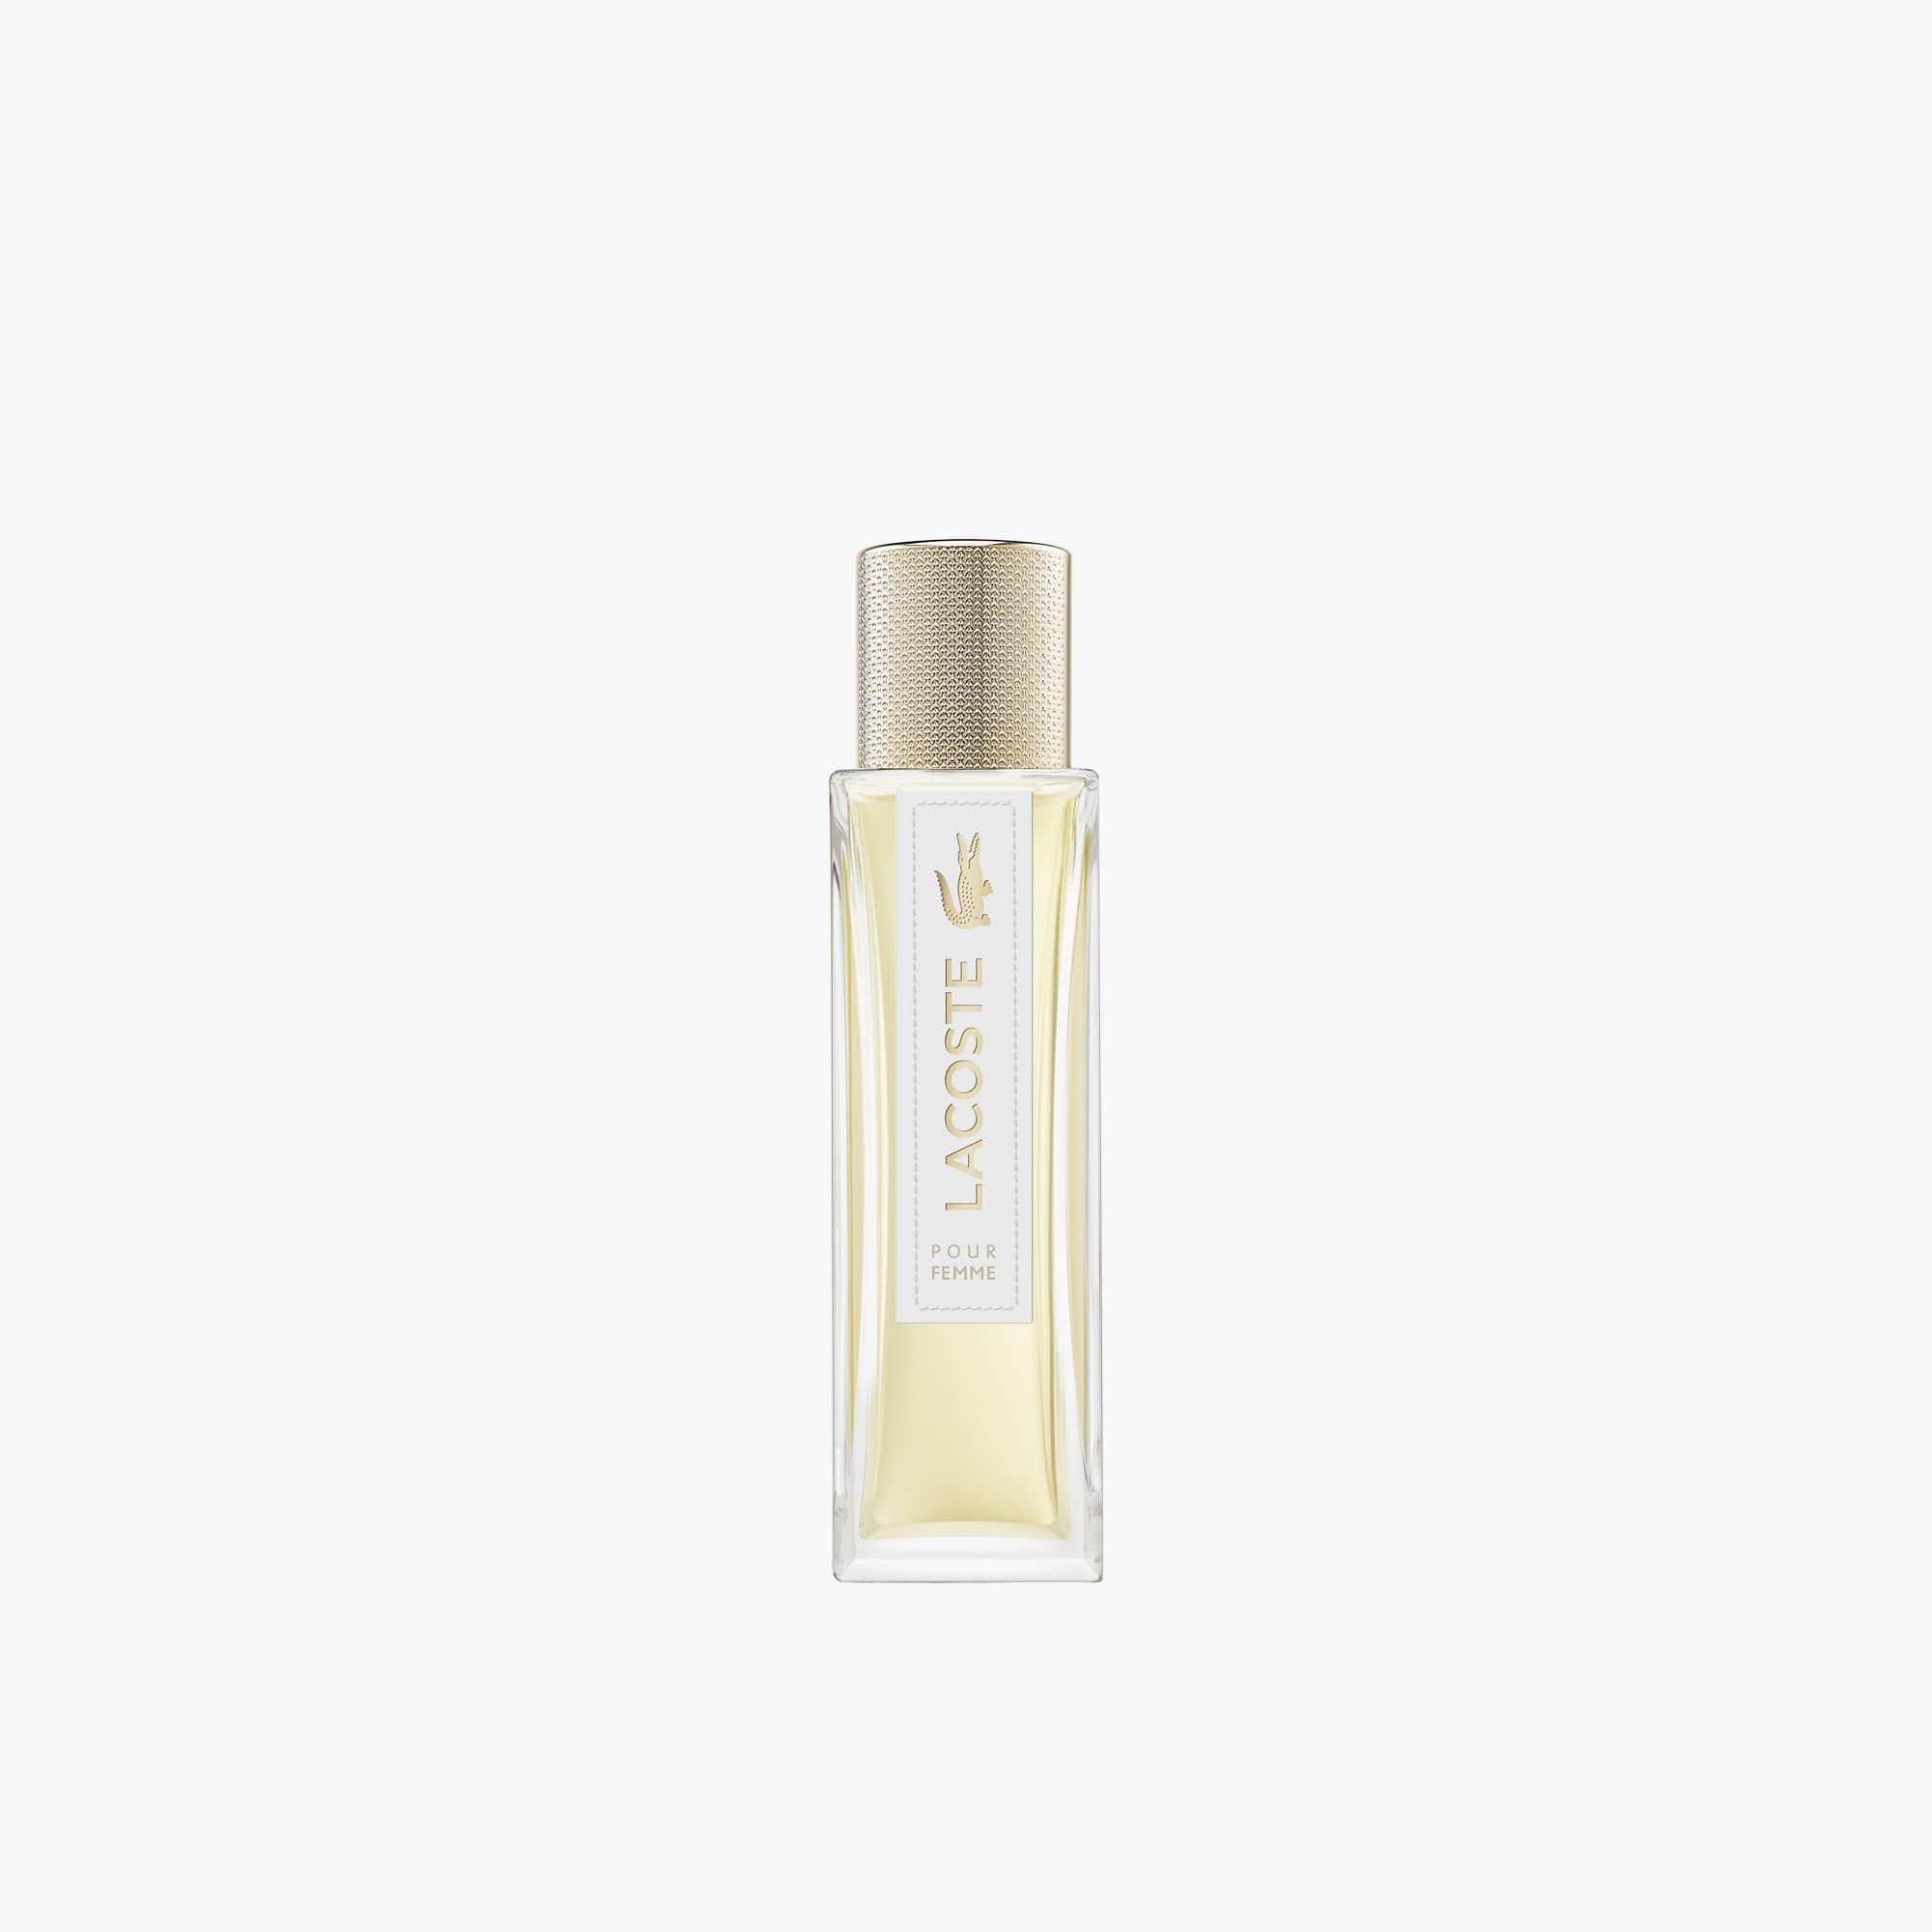 Lacoste Pour Femme Eau de Parfum Légère 50ml